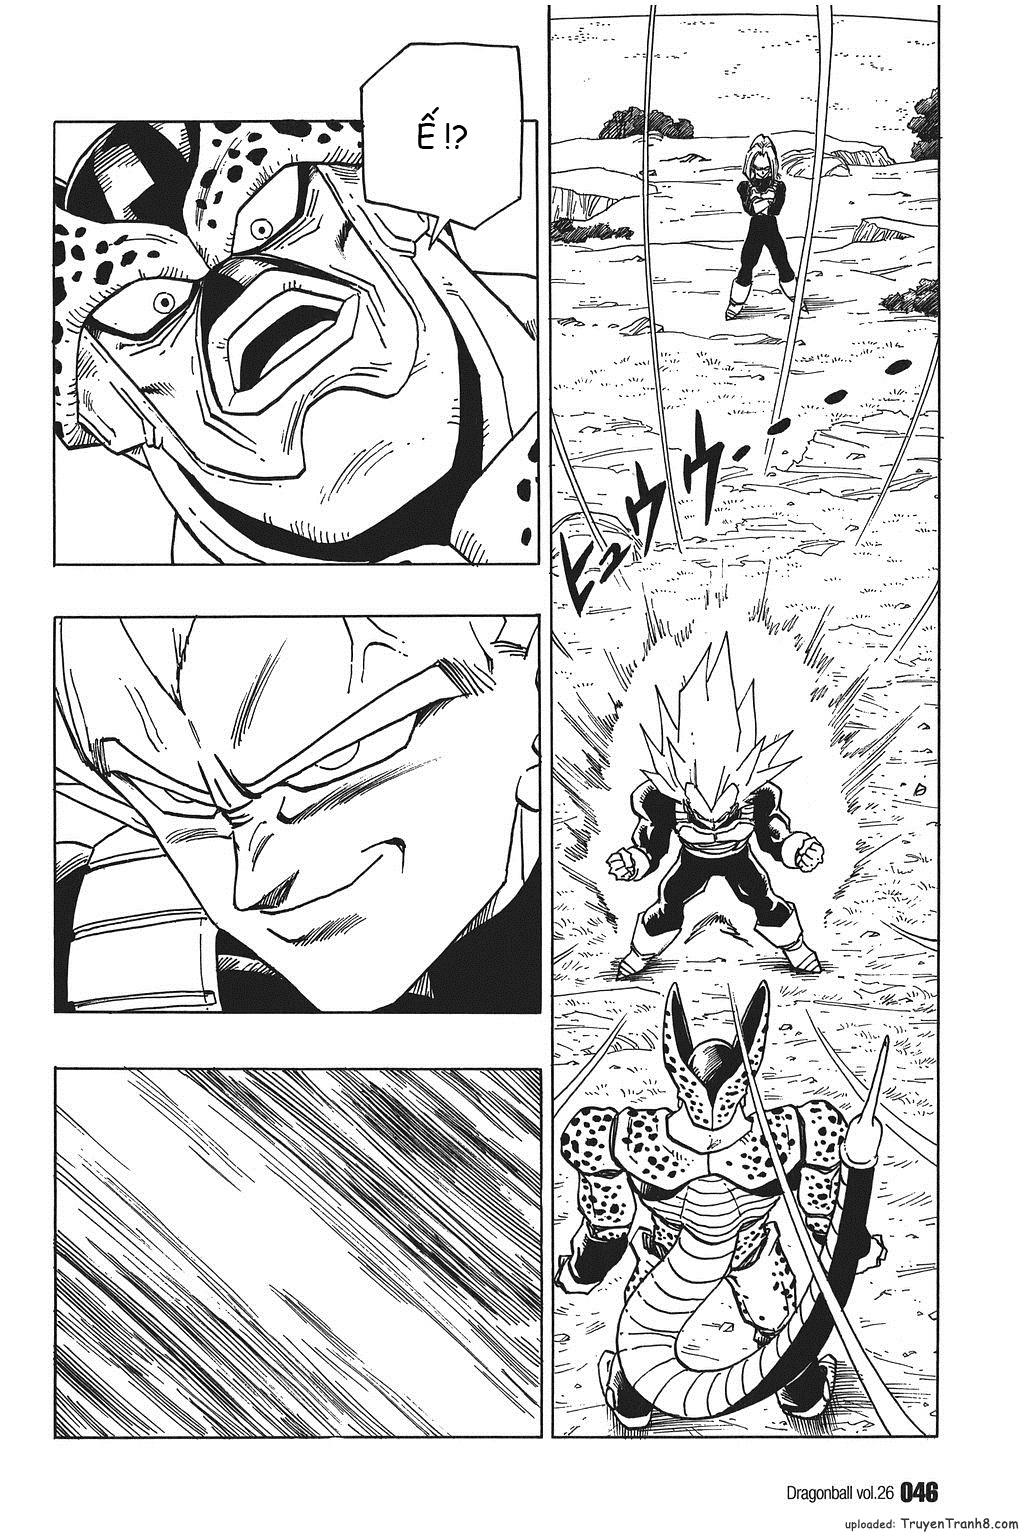 xem truyen moi - Dragon Ball Bản Vip - Bản Đẹp Nguyên Gốc Chap 377